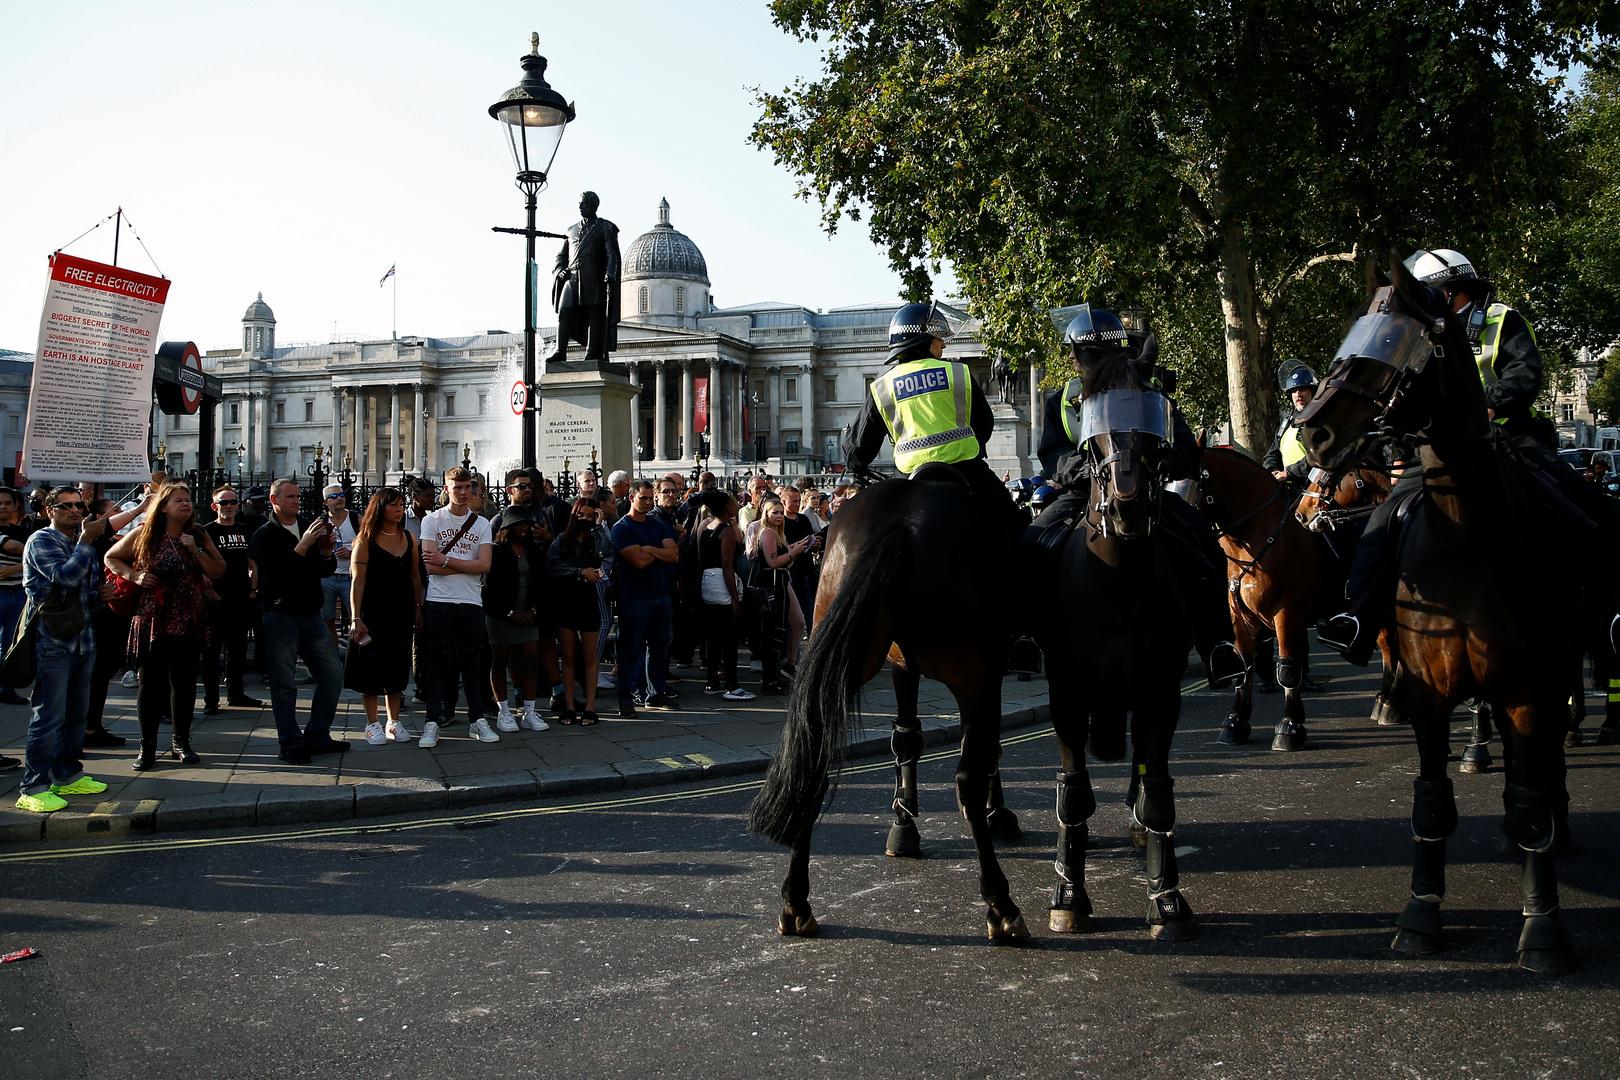 شرطة لندن تعتقل 32 شخصا شاركوا في مظاهرة ضد إجراءات مكافحة كورونا